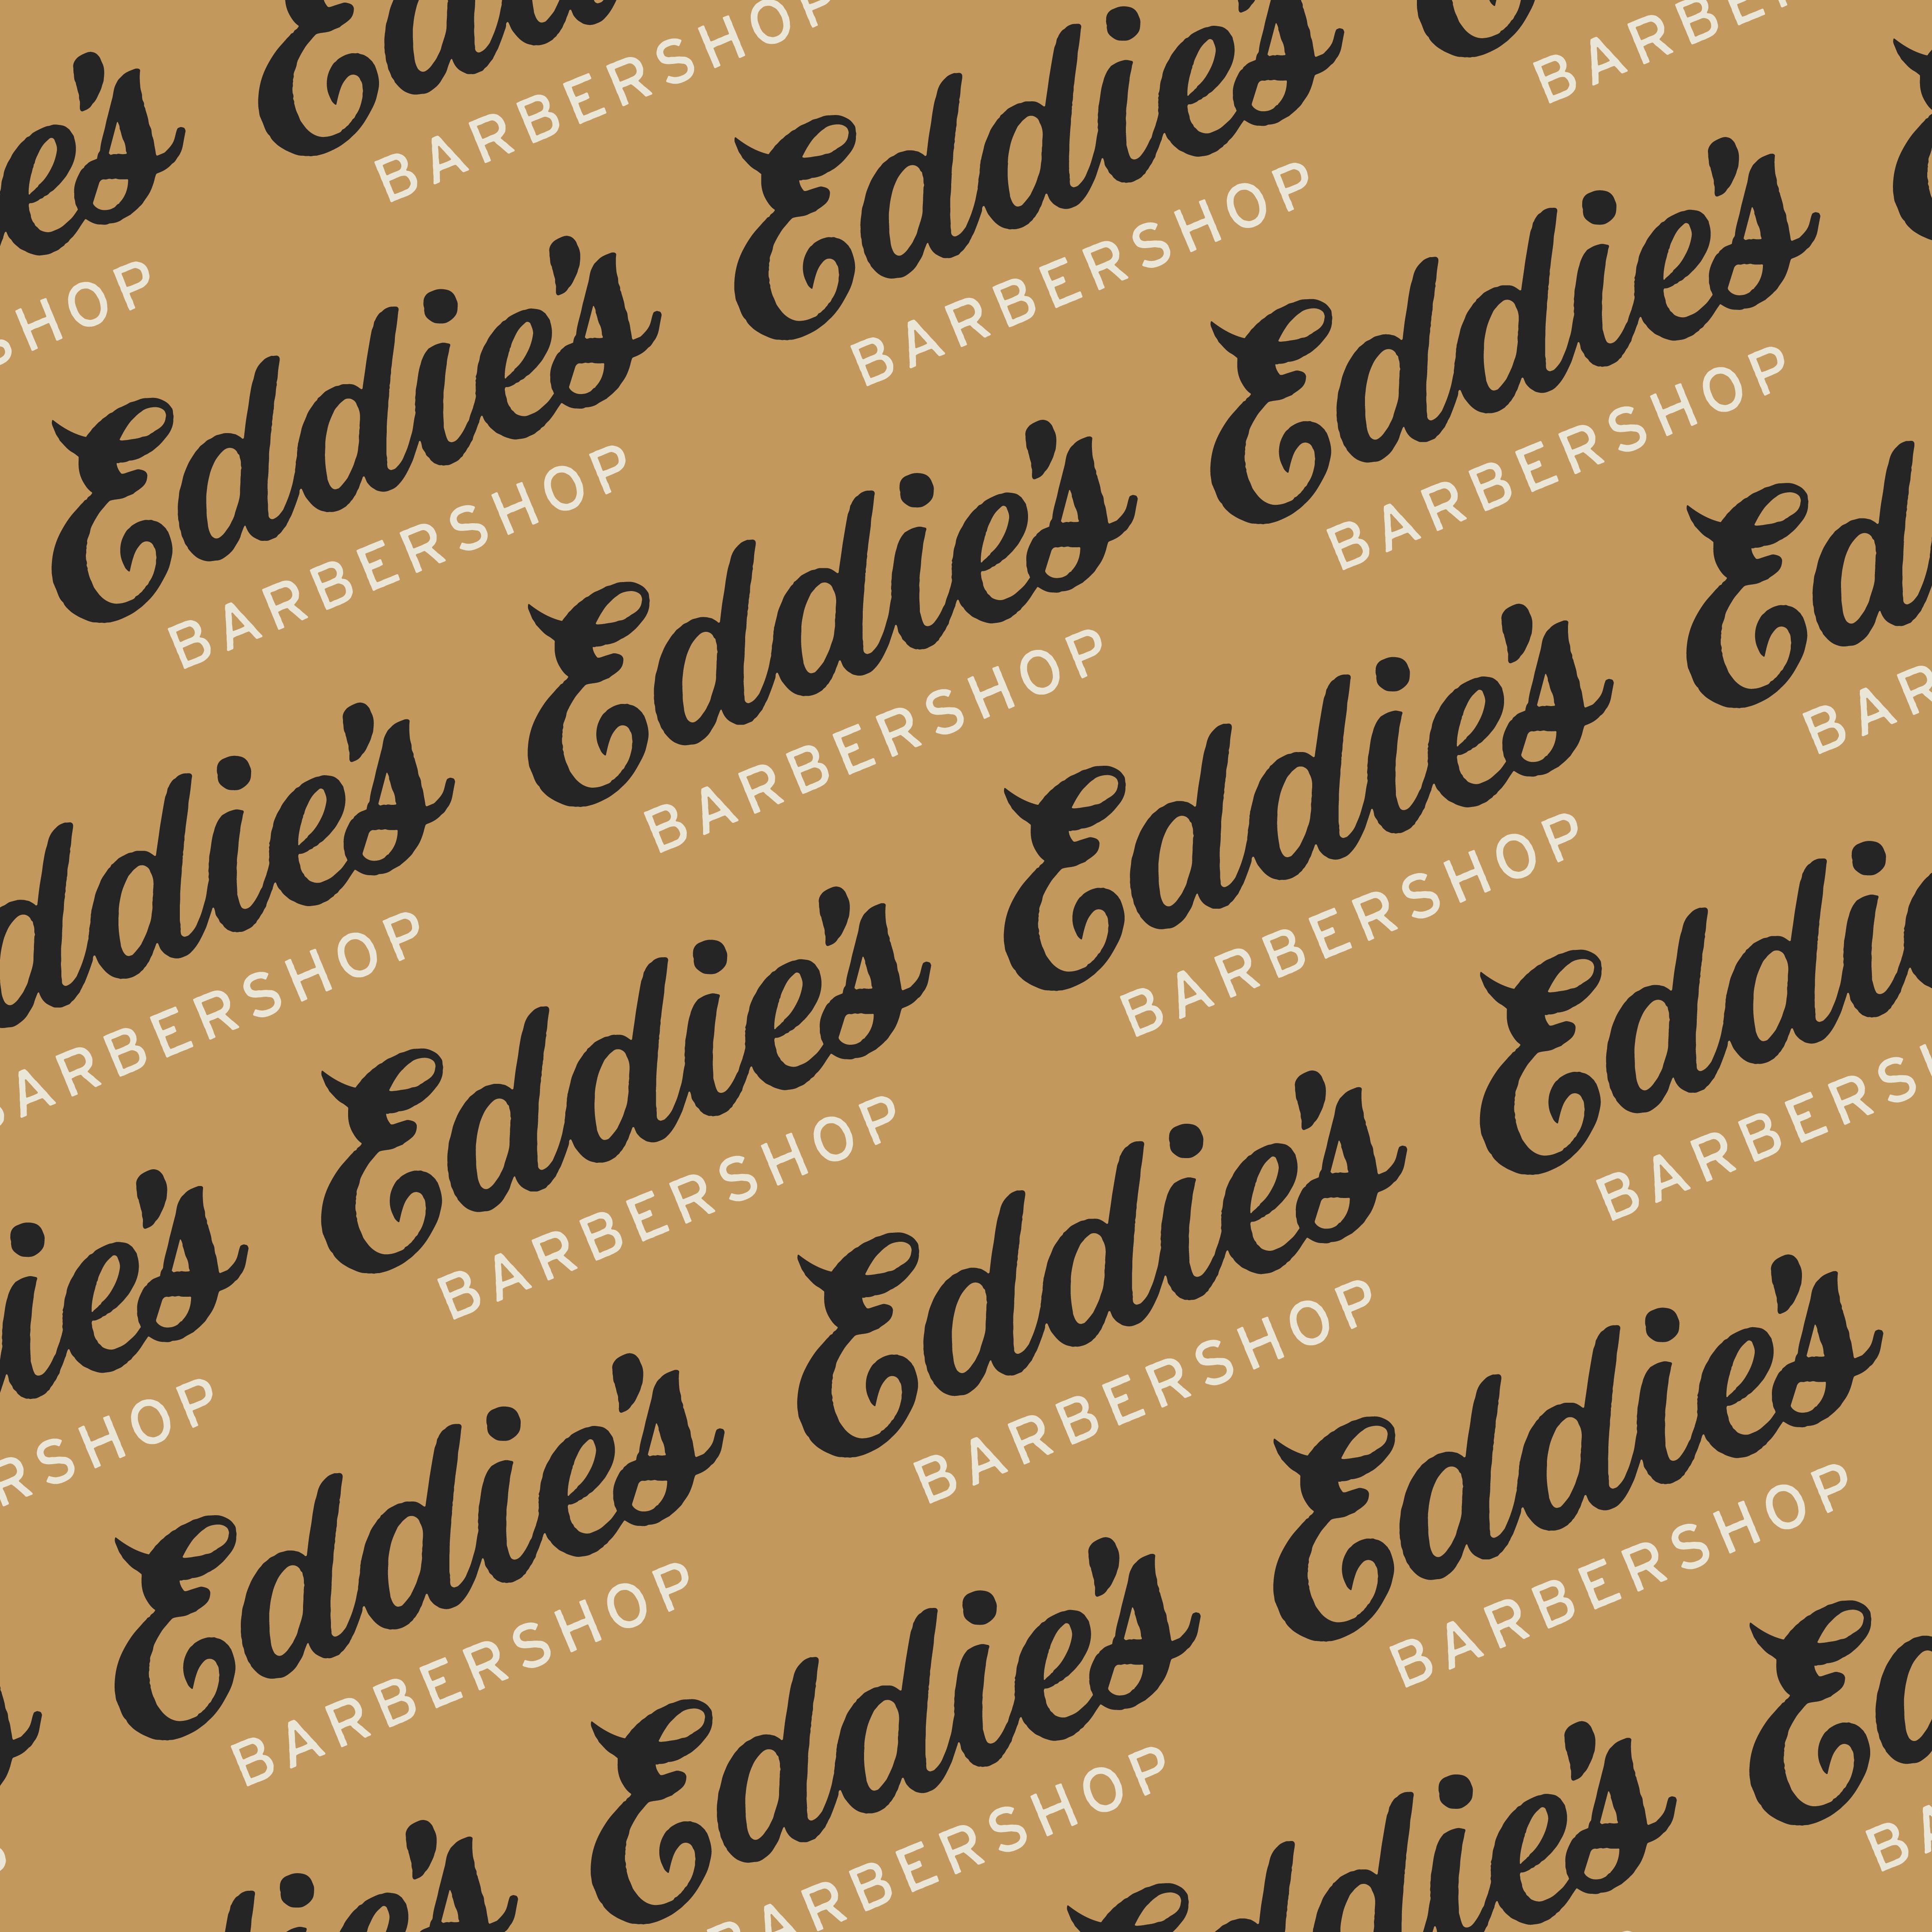 Eddies 03